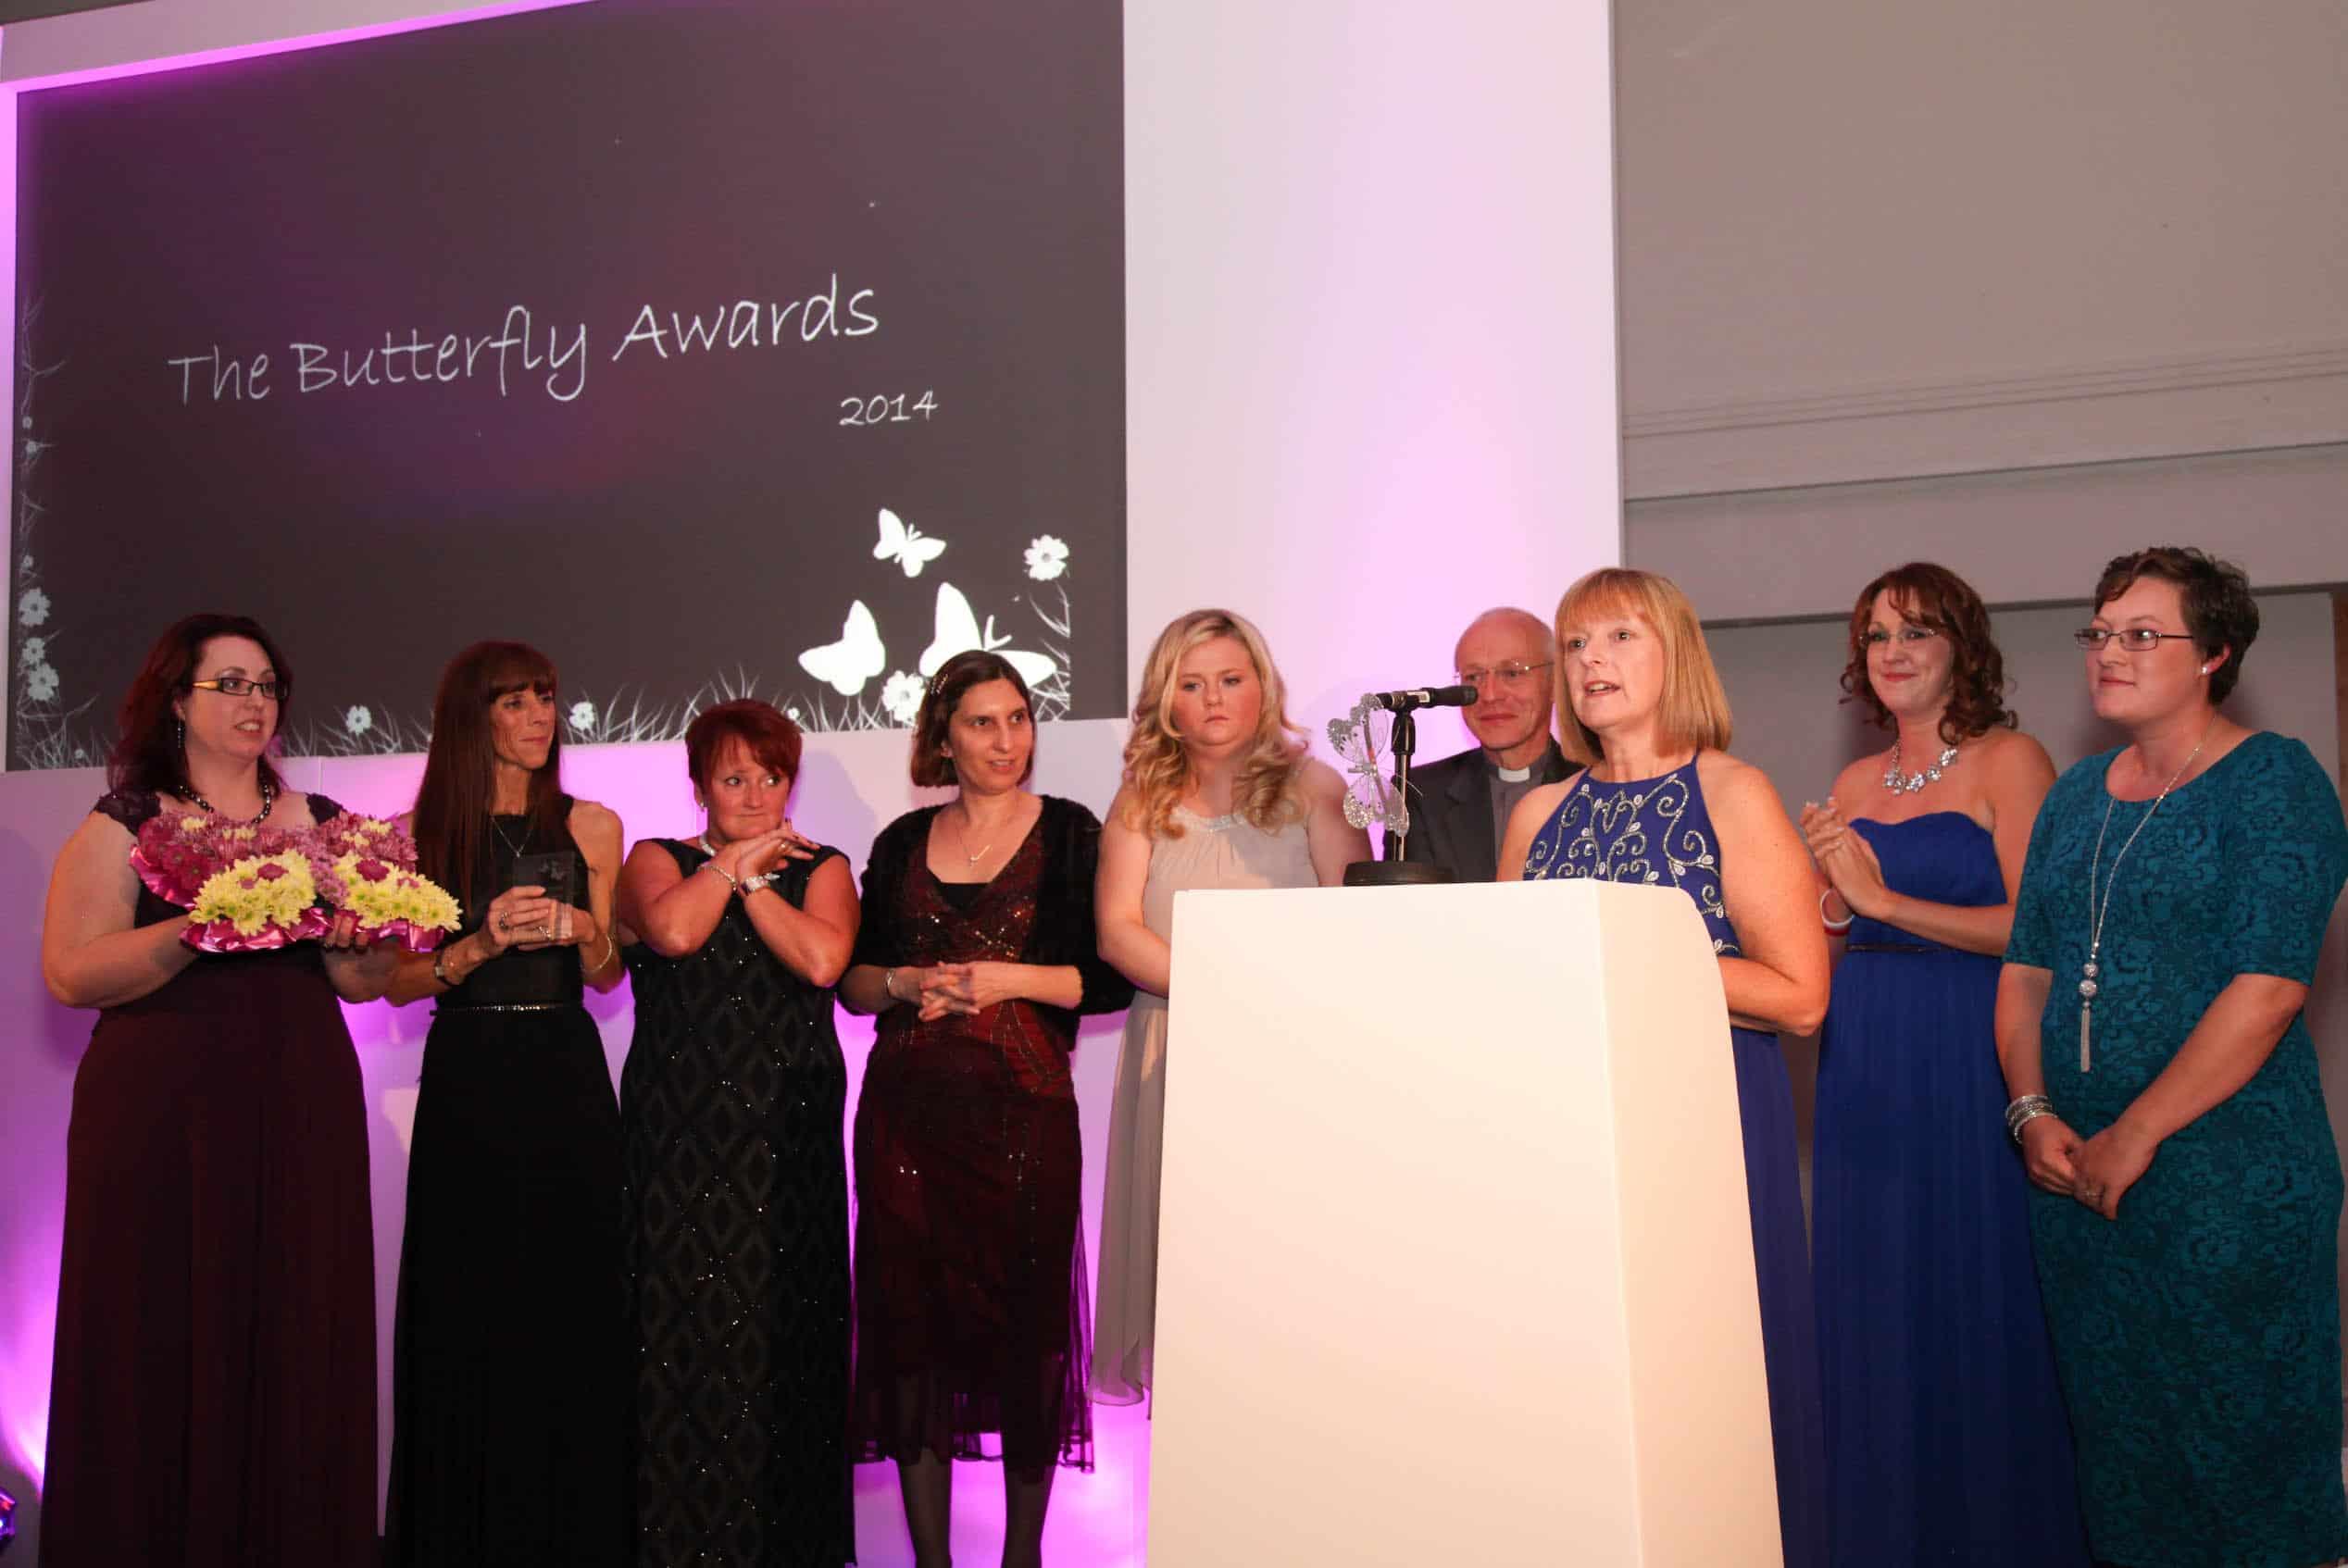 2014 Butterfly Awards winners